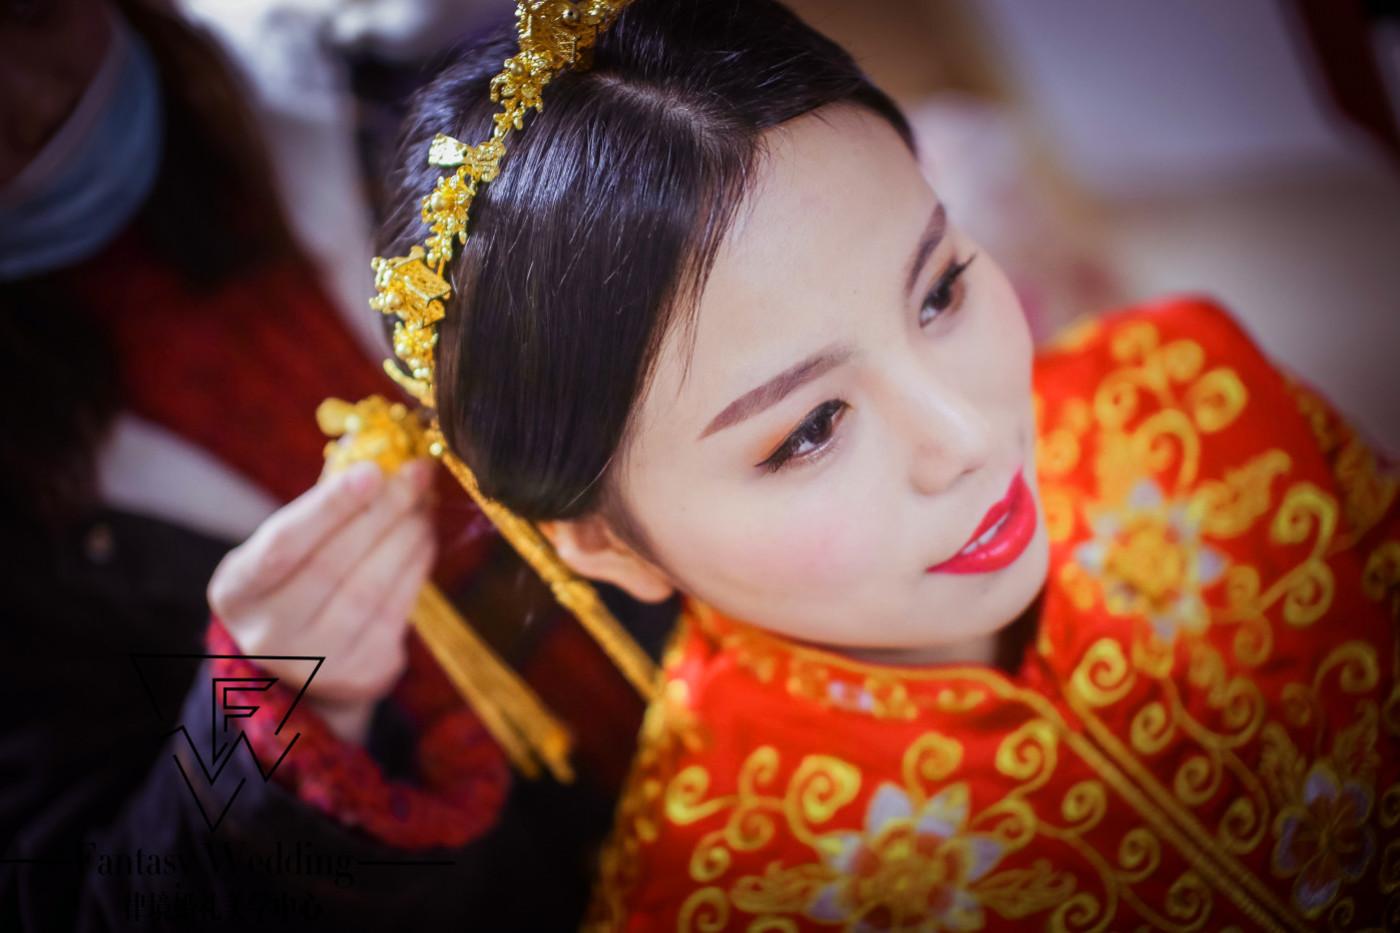 「Fantasy Wedding」&G R 白金汉爵2